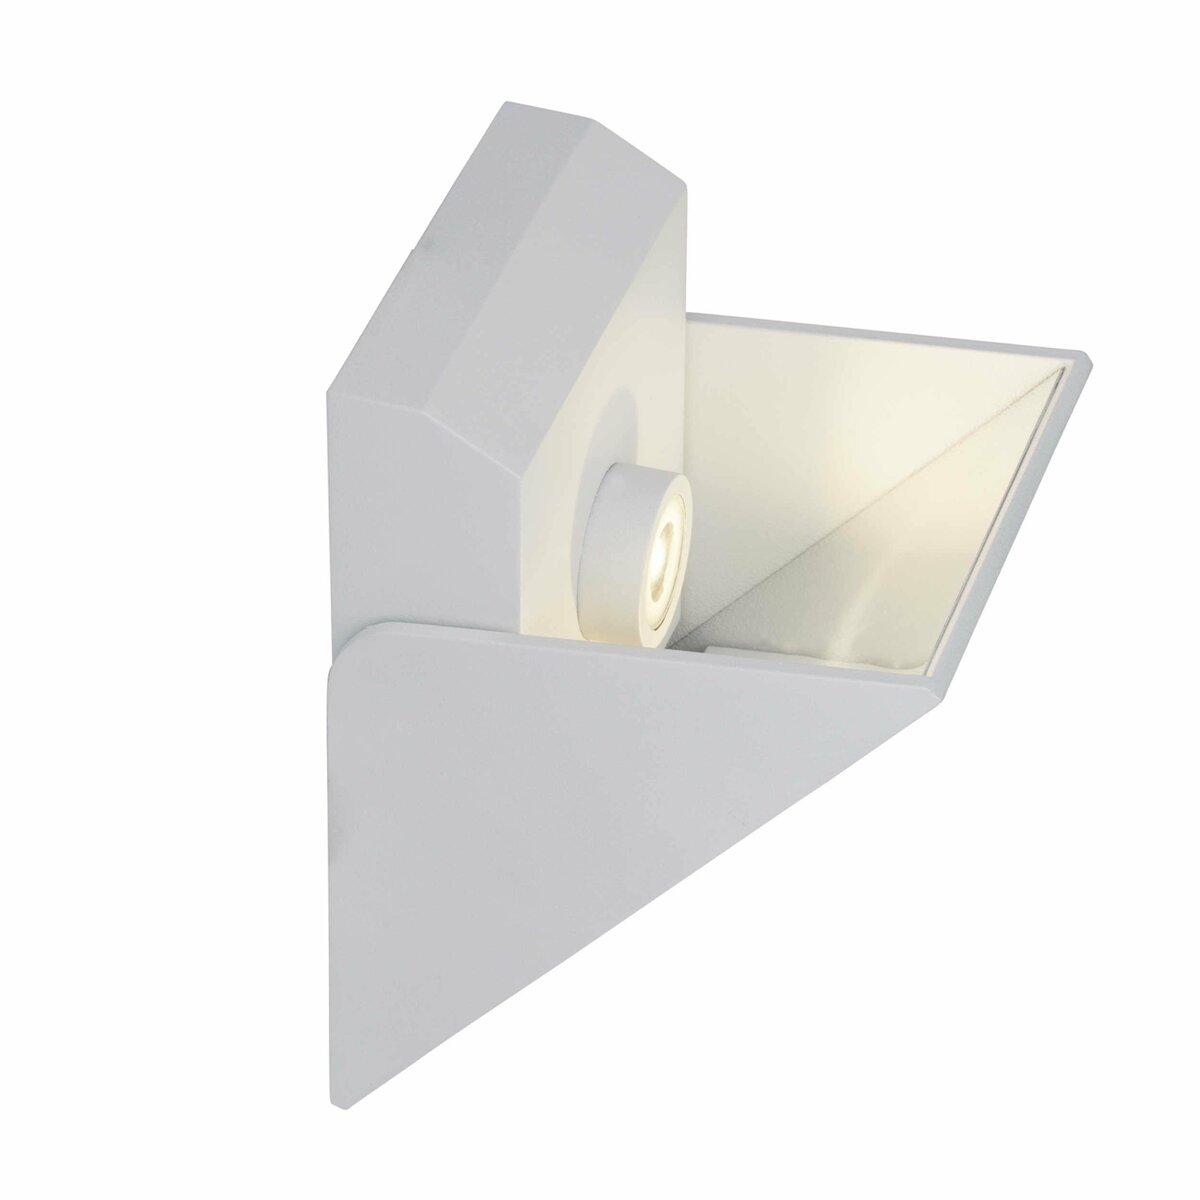 Bild 3 von AEG LED-Außenwandleuchte   QUILLAN